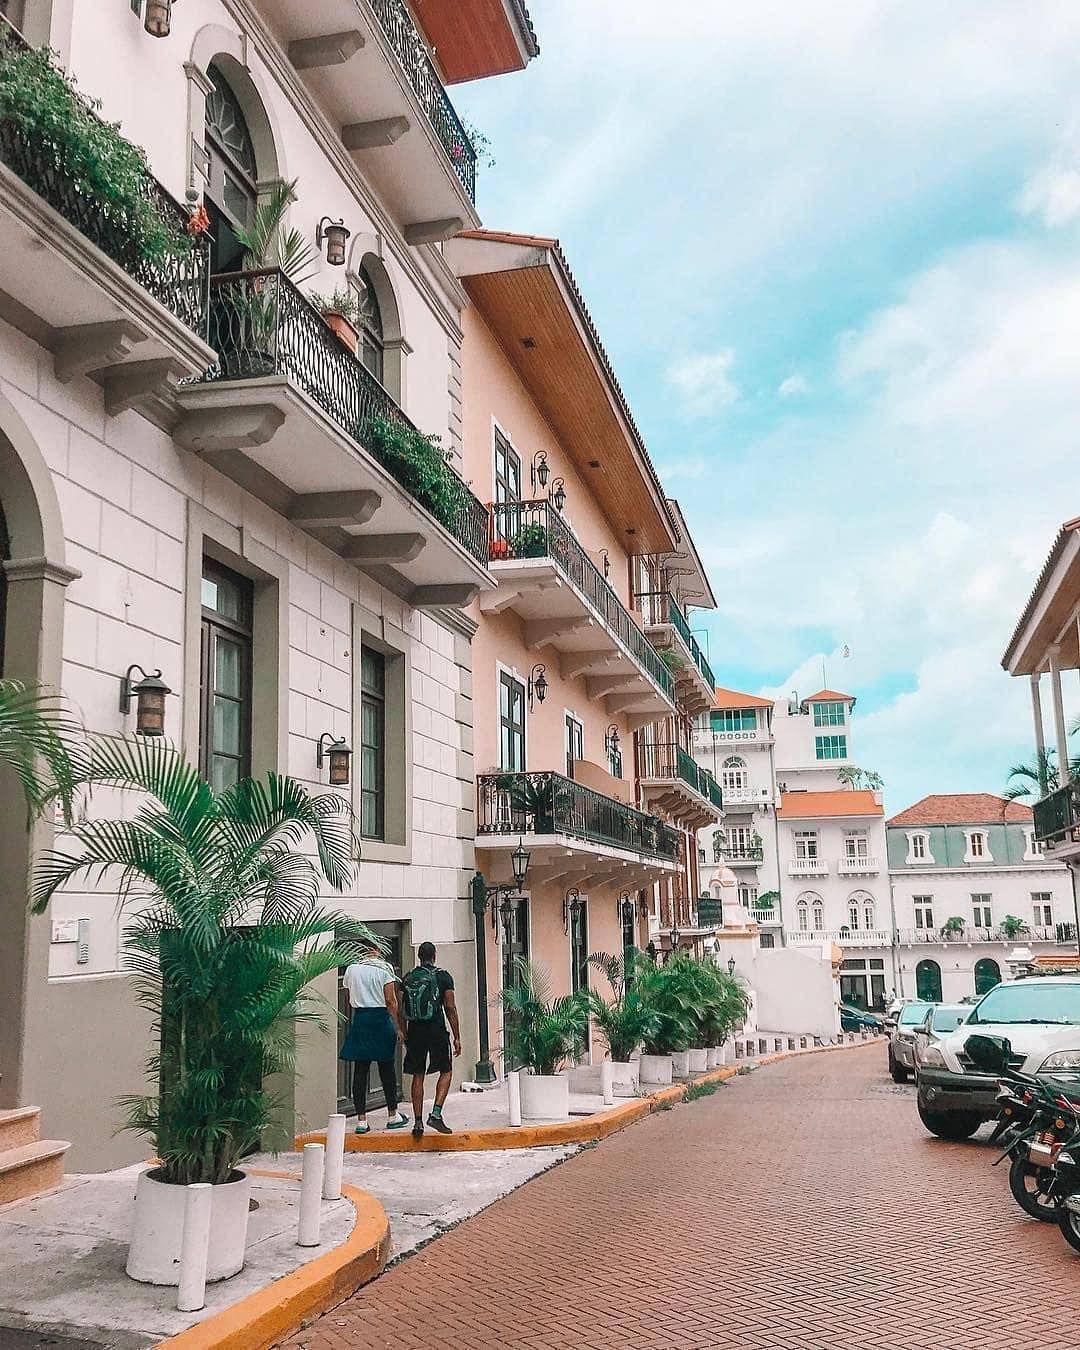 Casco Antiguo Panamá City Crazypanama Com Crazypanama Panama Thecrazycities Com Travel Tips Ent Panama City Panama America Travel Fall Travel